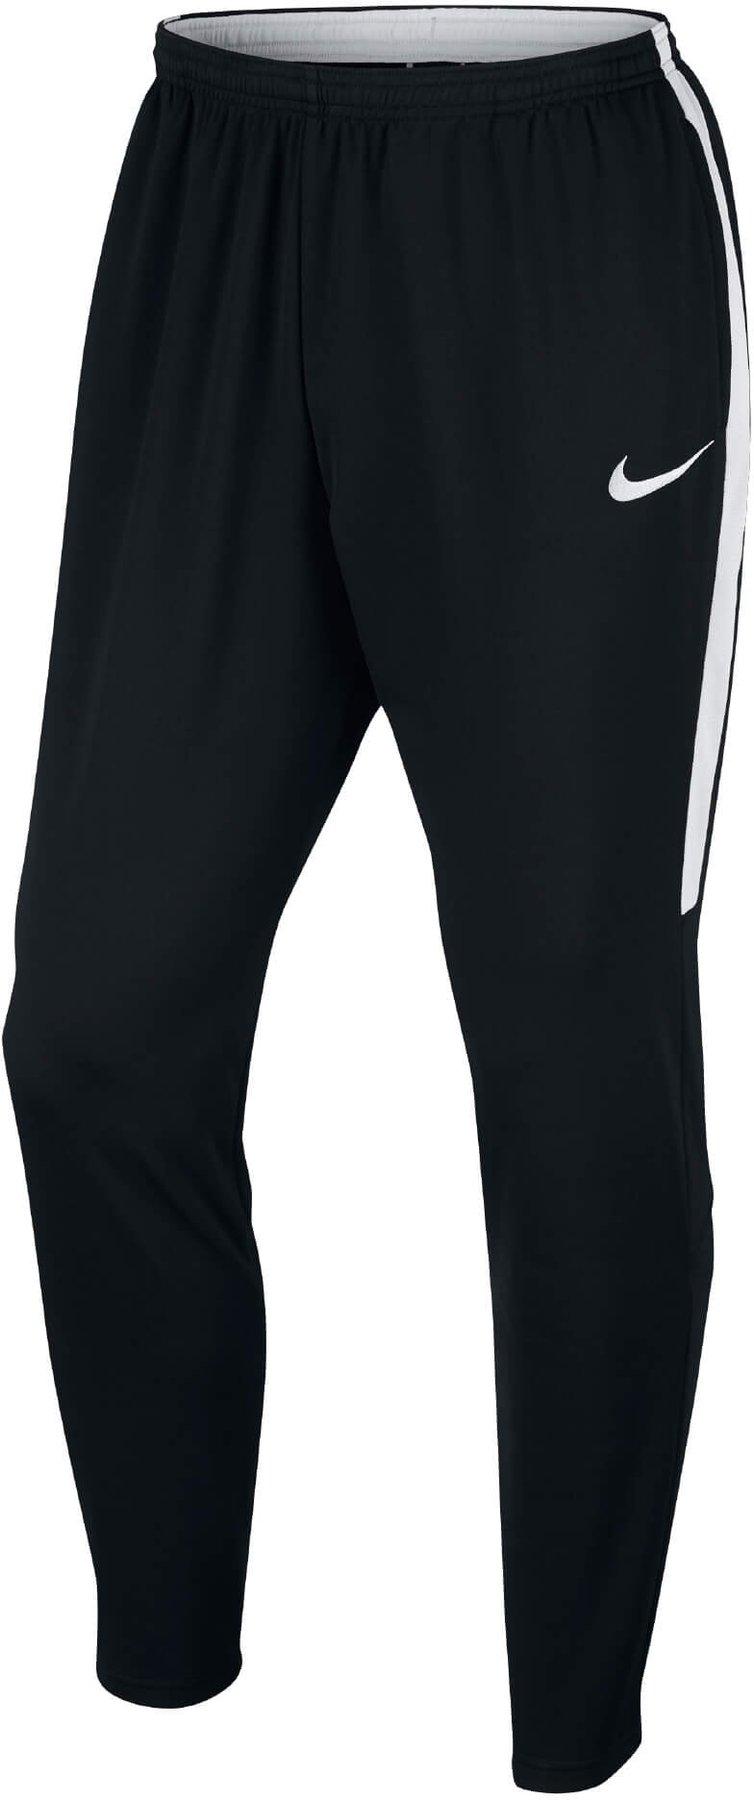 9bde138634fe1c Nike Dry Academy Herren Trainingshose black/white günstig kaufen